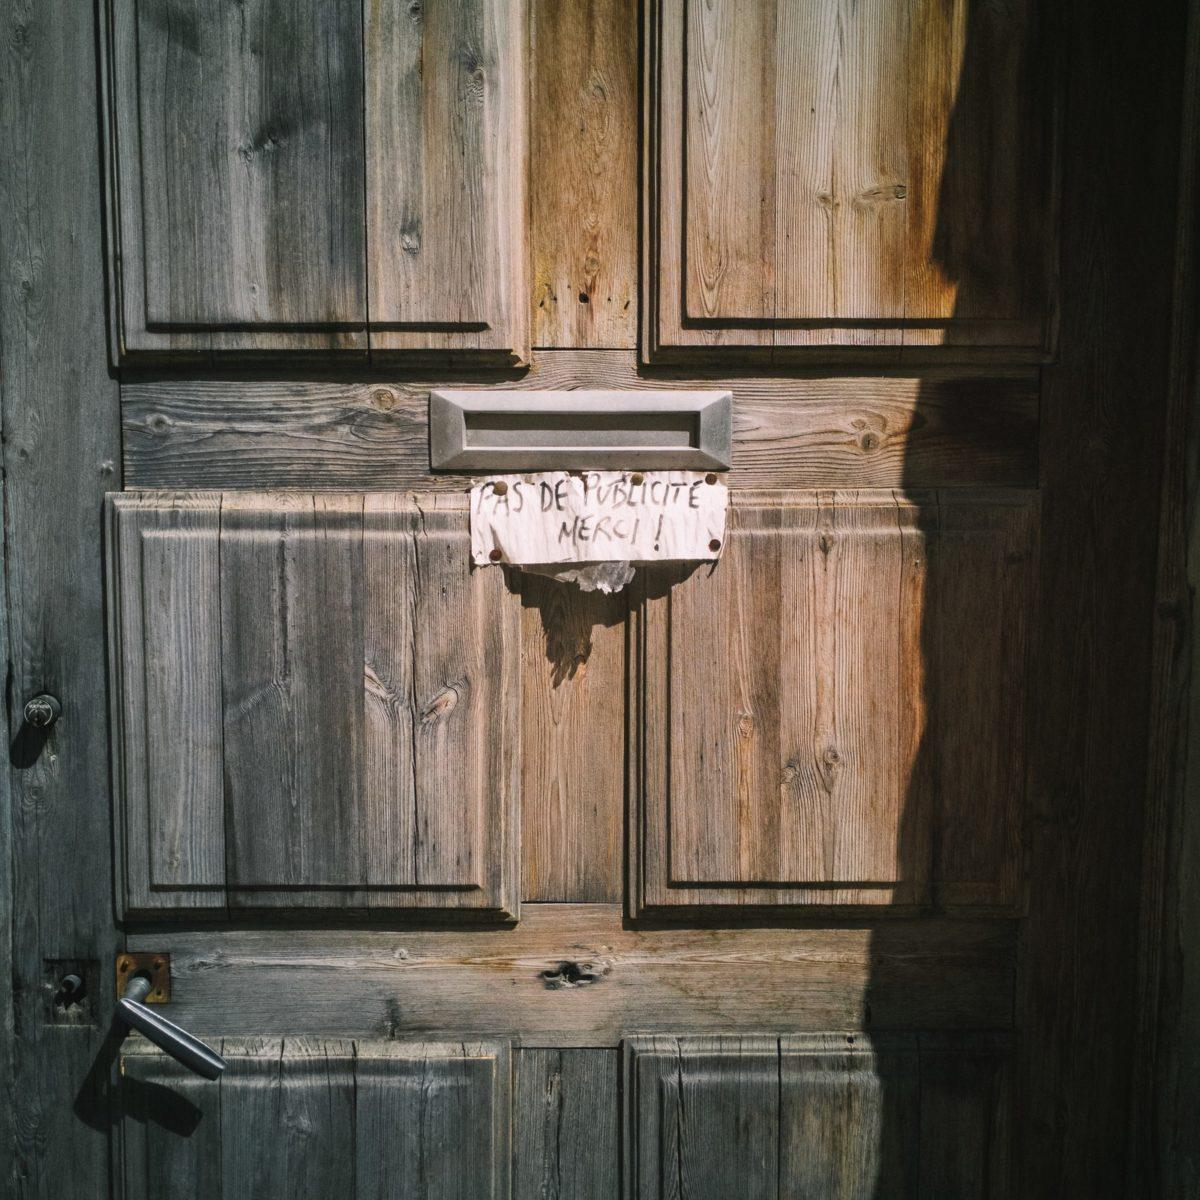 aliocha boi arles photographie resistances porte boite aux lettres publicite1 - Le photographe Aliocha Boi révèle la façade street d'Arles